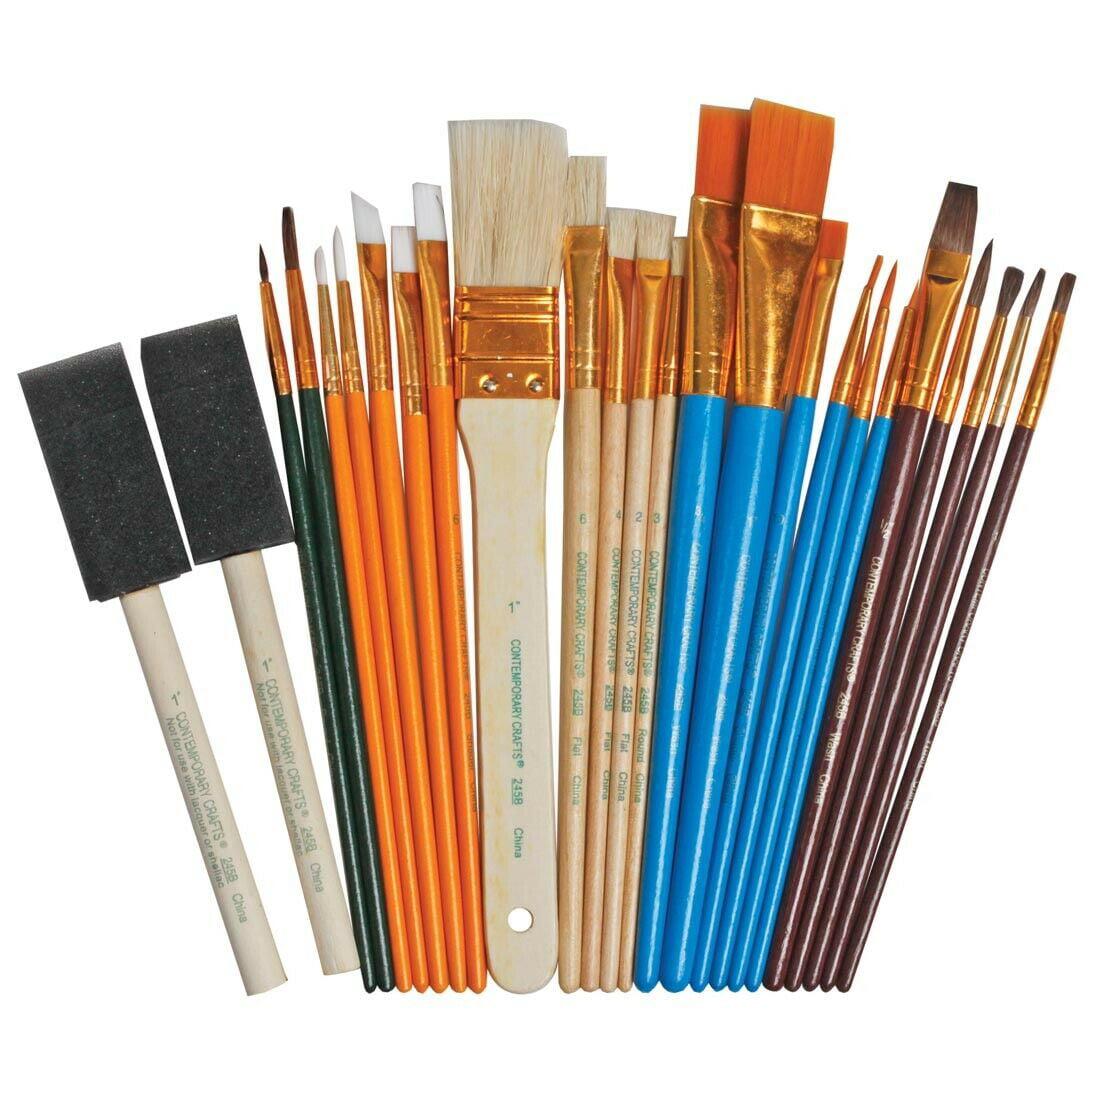 Loew Cornell 1021086 Simply Art Brush Value Packs